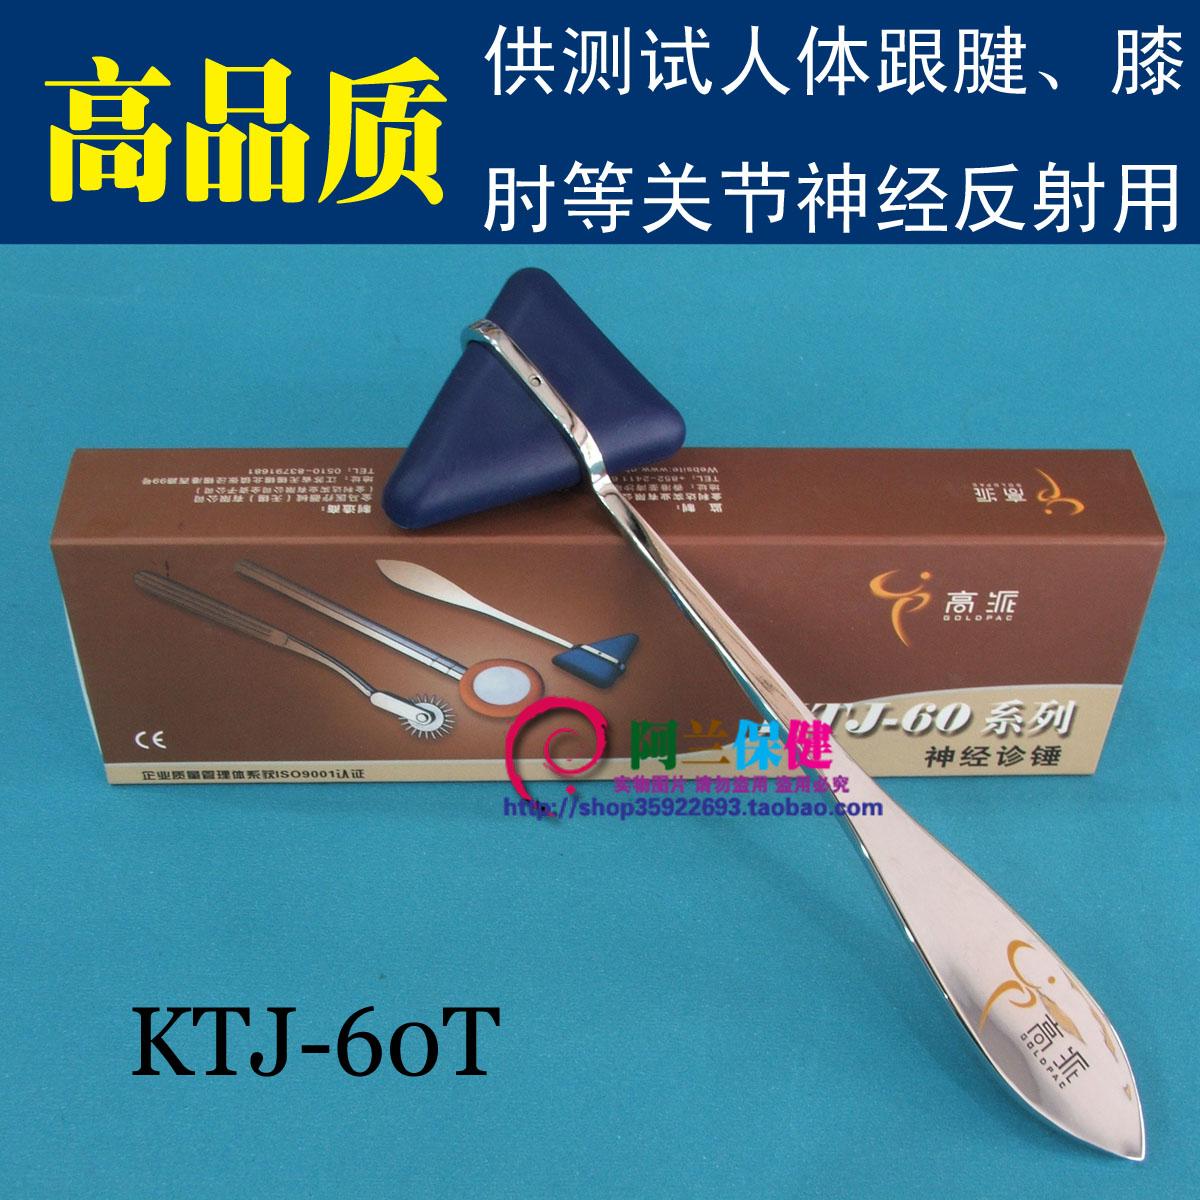 Доставка качественной продукции включена высокий пирог нержавеющей стали бог после консультация молоток нержавеющей стали перкуссия молоток KTJ-60T медицинская треугольник